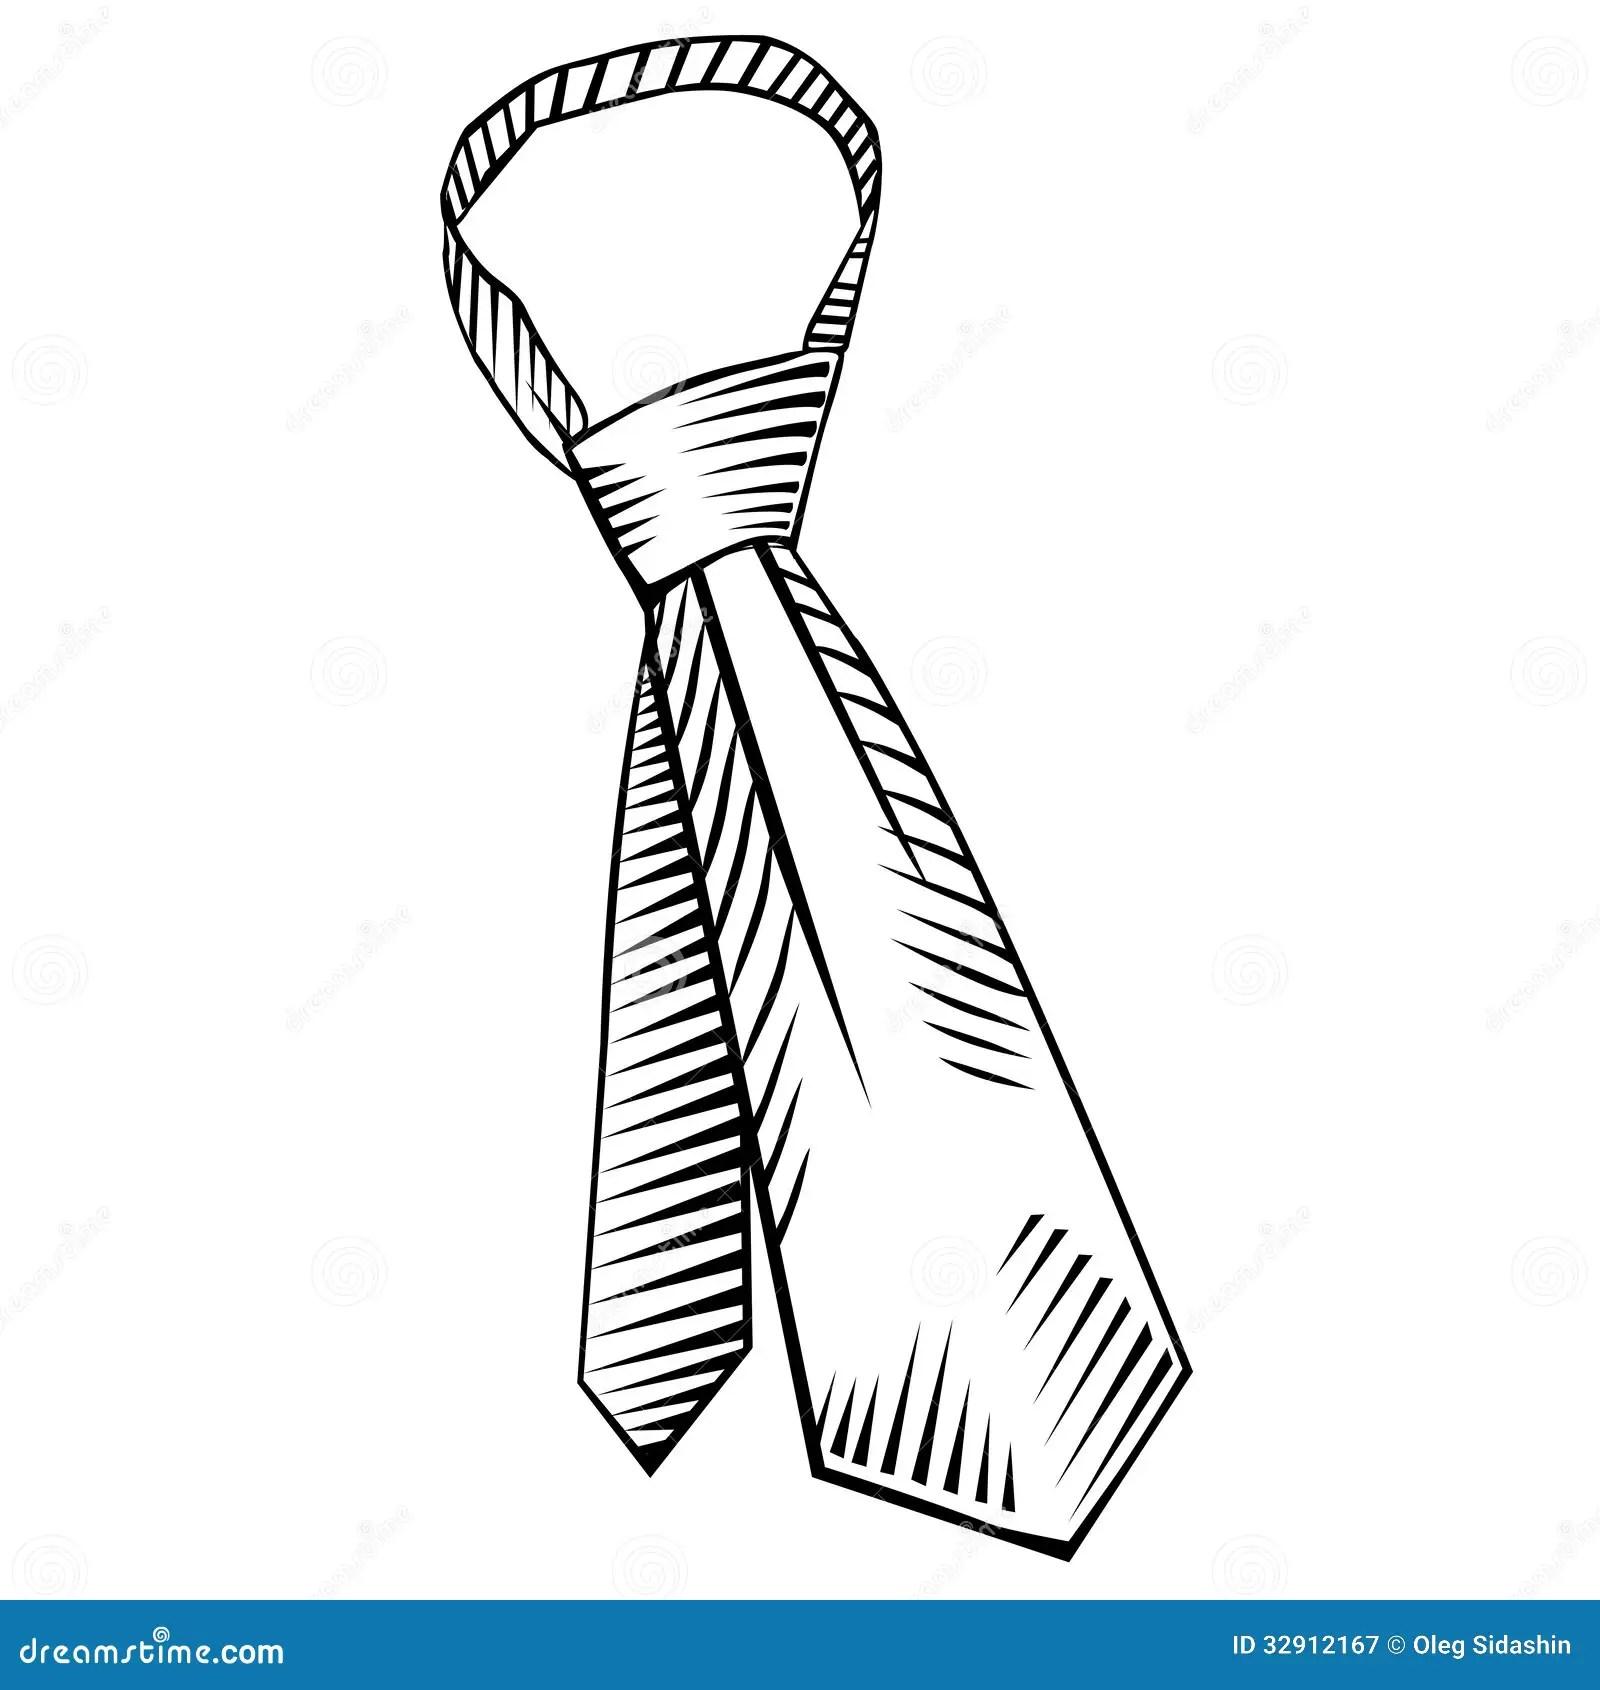 Tie Vector Stock Vector Illustration Of Illustration